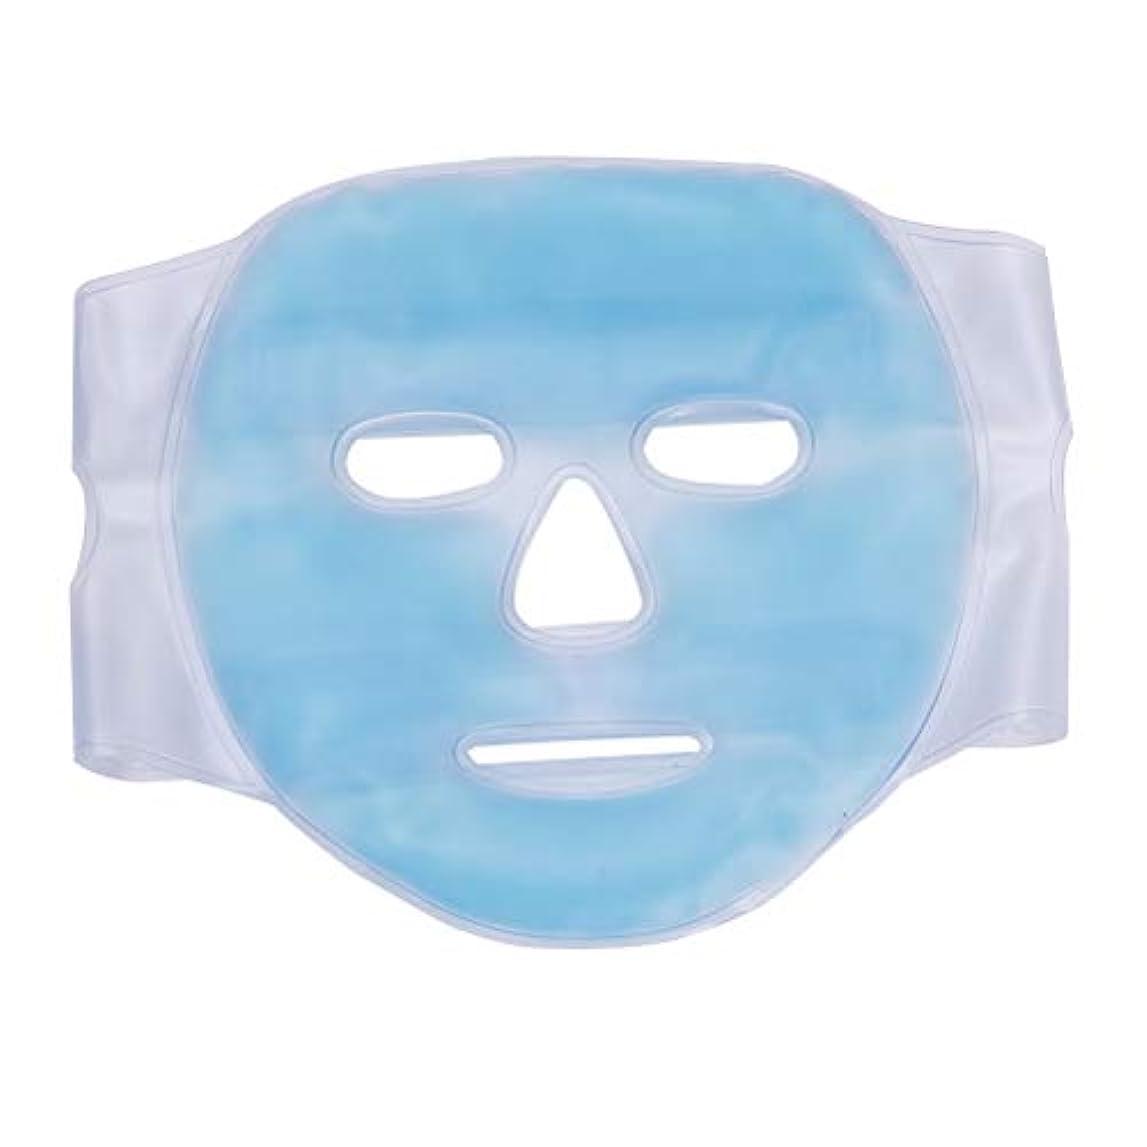 誘う札入れ句読点Healifty Gelコールド&ホットコンプレッションフェイシャルPVCアイスマスクフェイス(腫れぼったい顔用)ふくらんでいる目ダークサークル(ブルー)